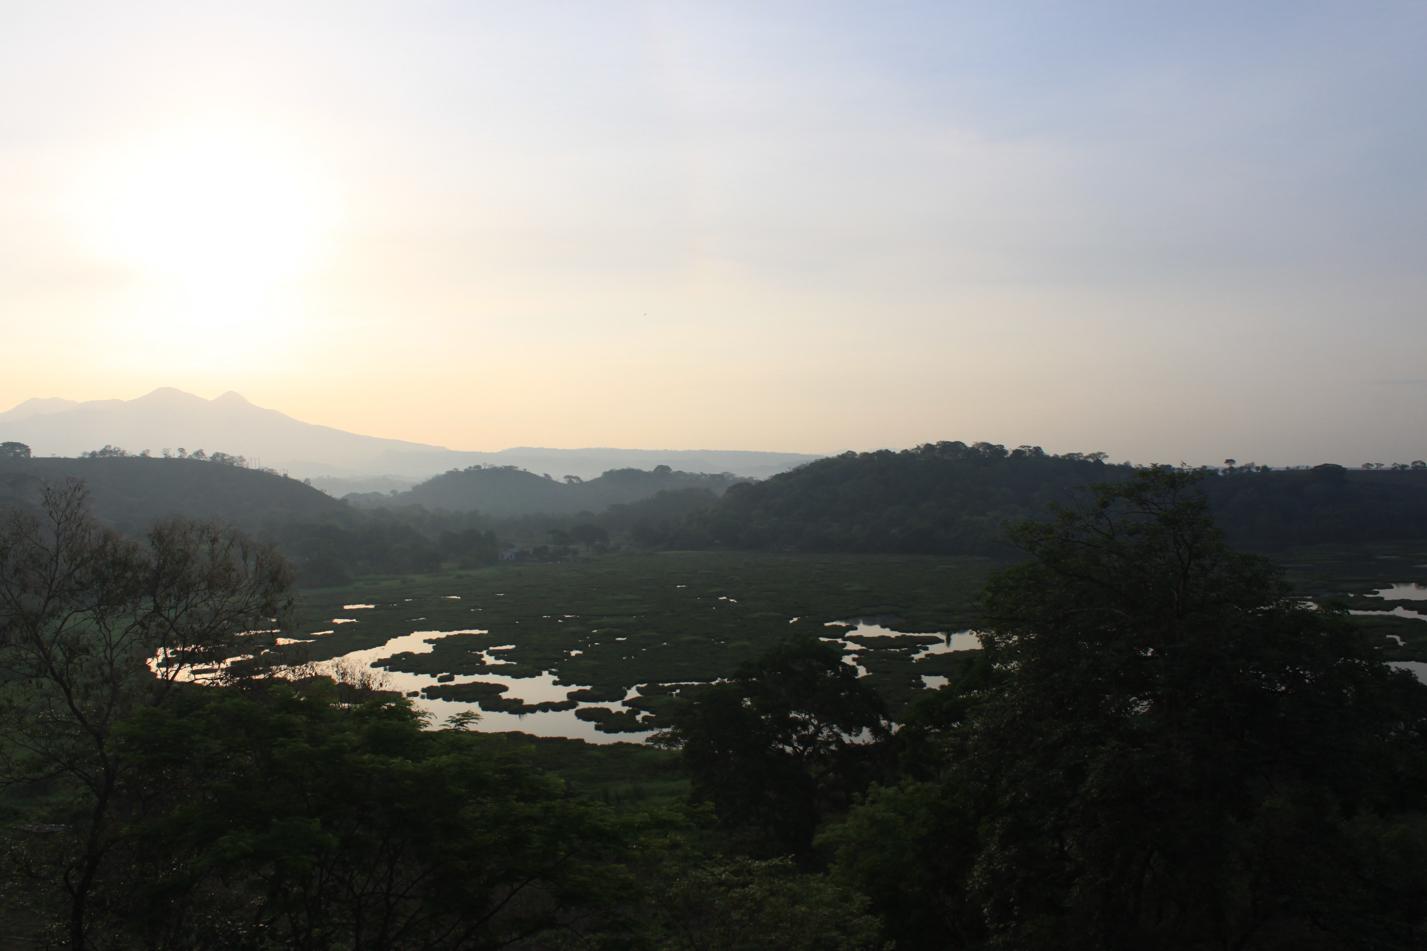 Für das frühe Aufstehen werden wir auch mit dem schönem Farbspiel zwischen Sonne uns Natur belohnt.